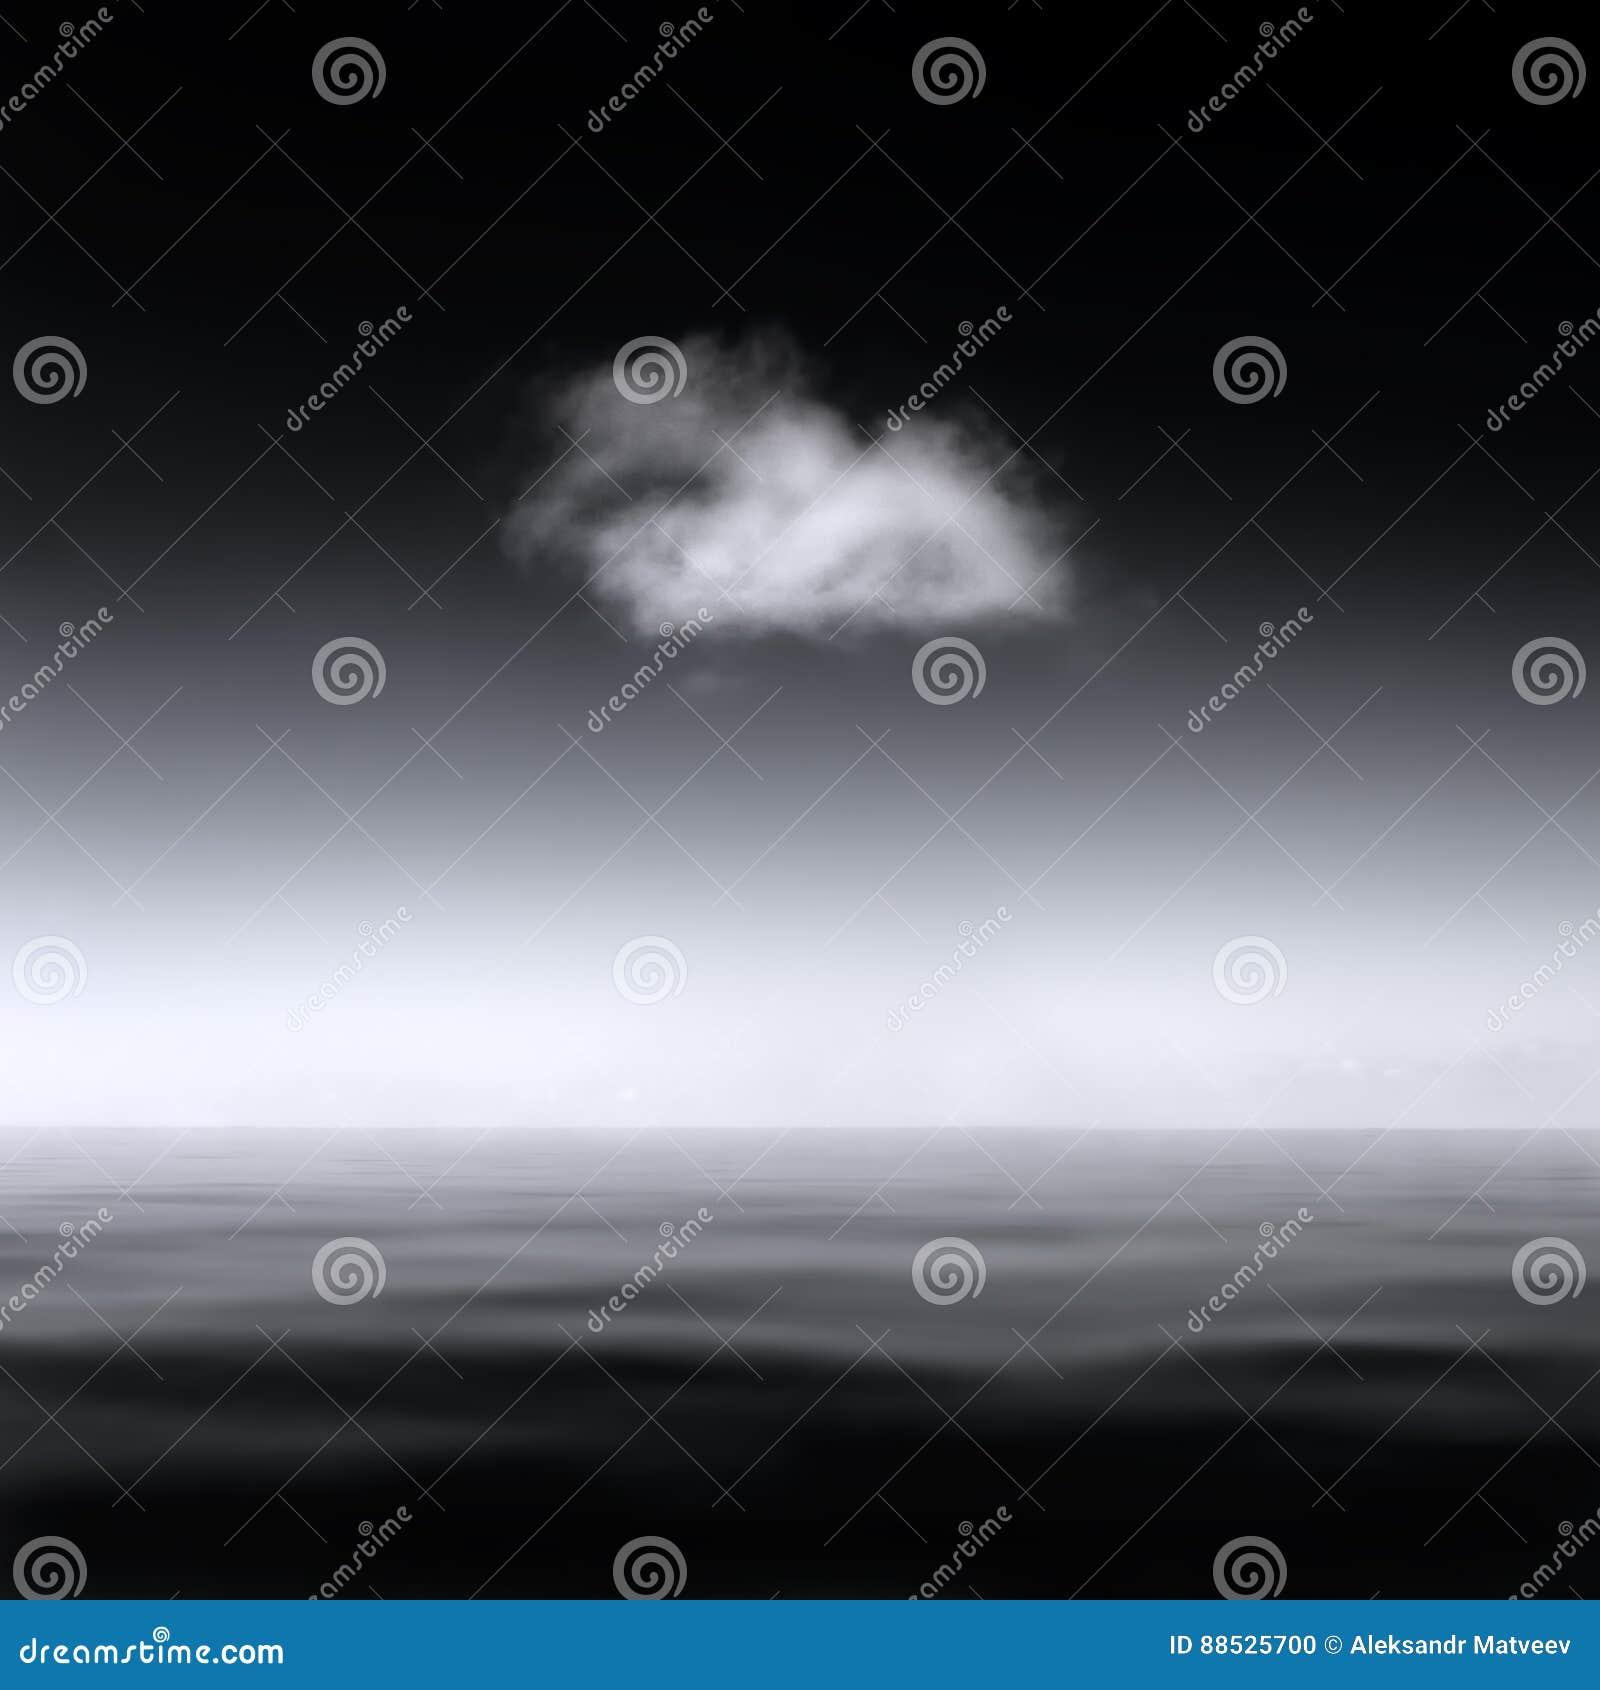 Minimalistic soustraient le paysage d un nuage simple au-dessus d une mer lisse, B&W